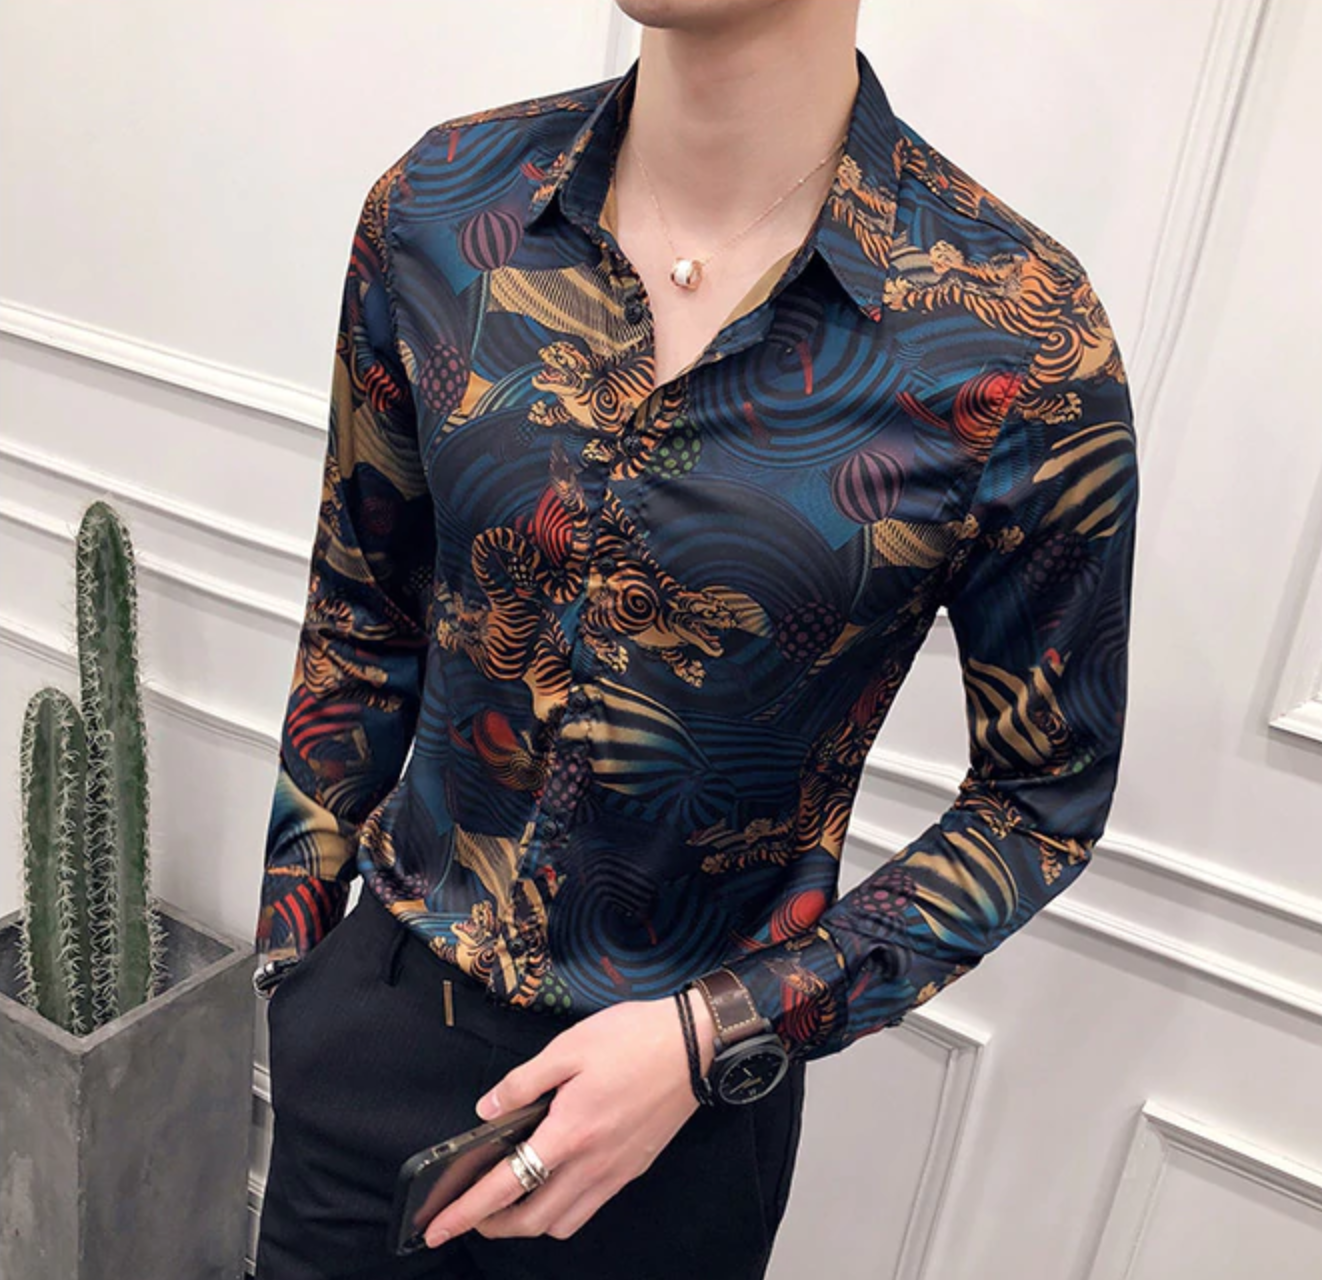 Camisa Con Estampado / Camisas Korean Style